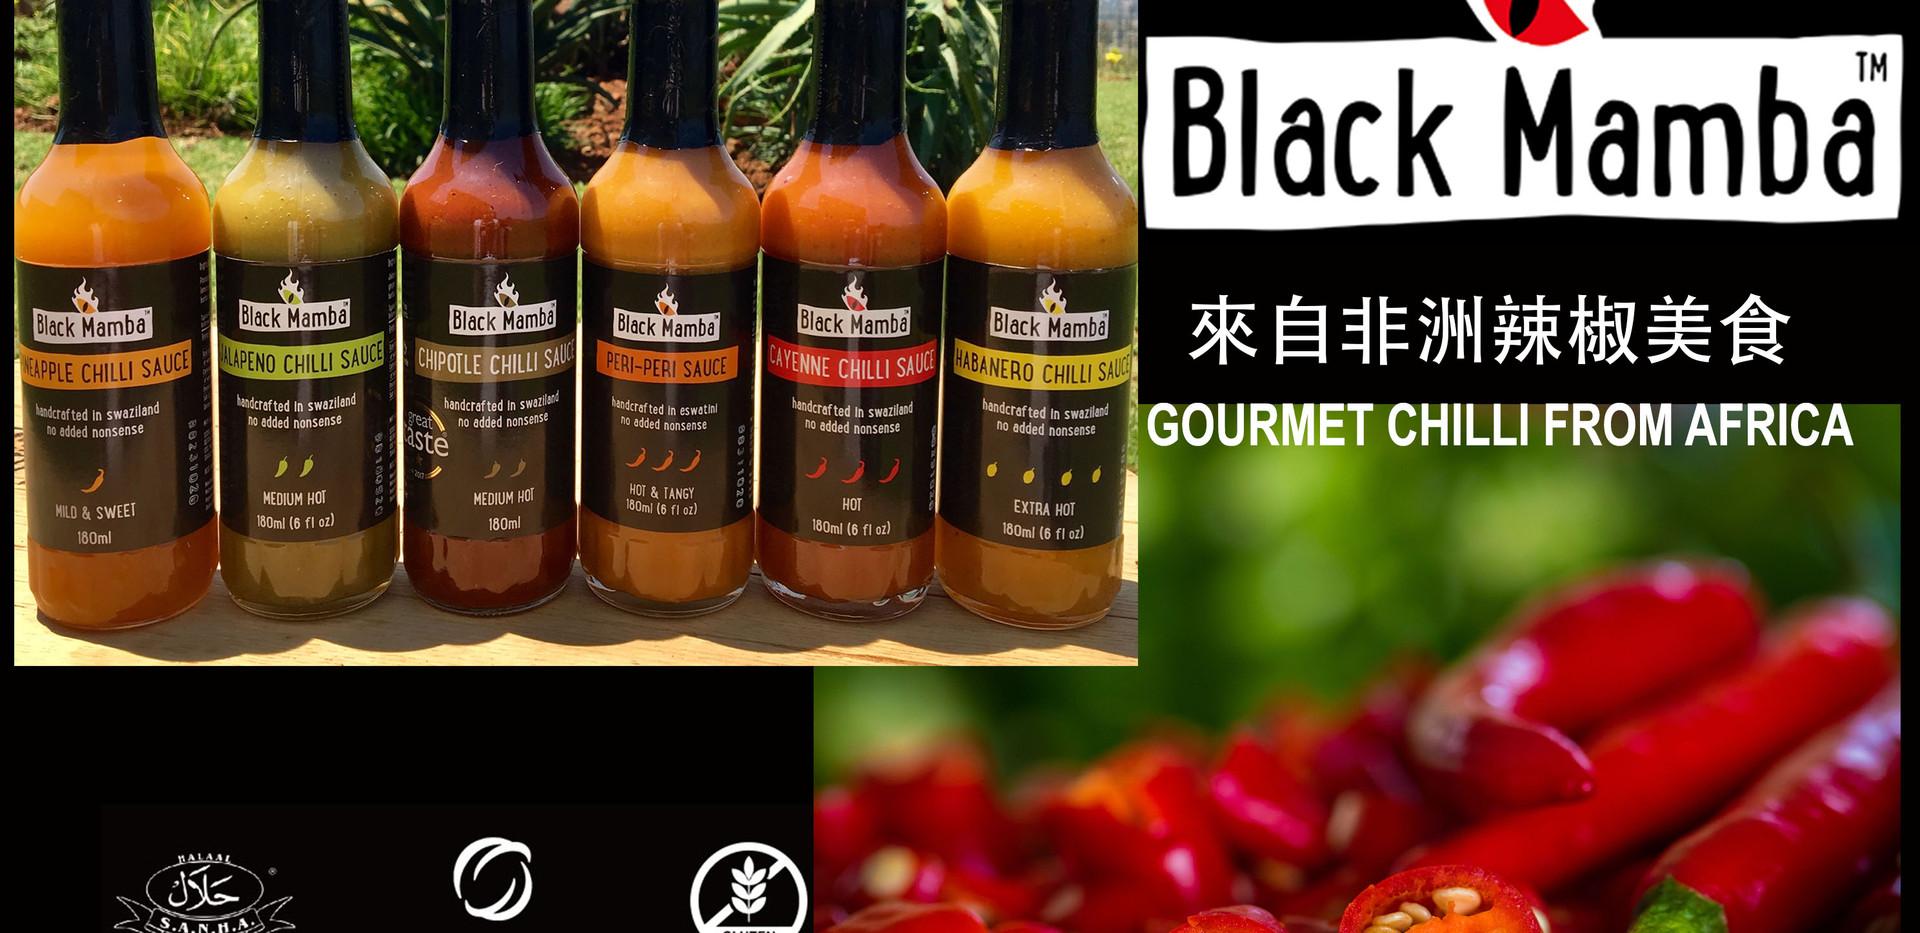 Black Mamba Gourmet Chilli.jpg